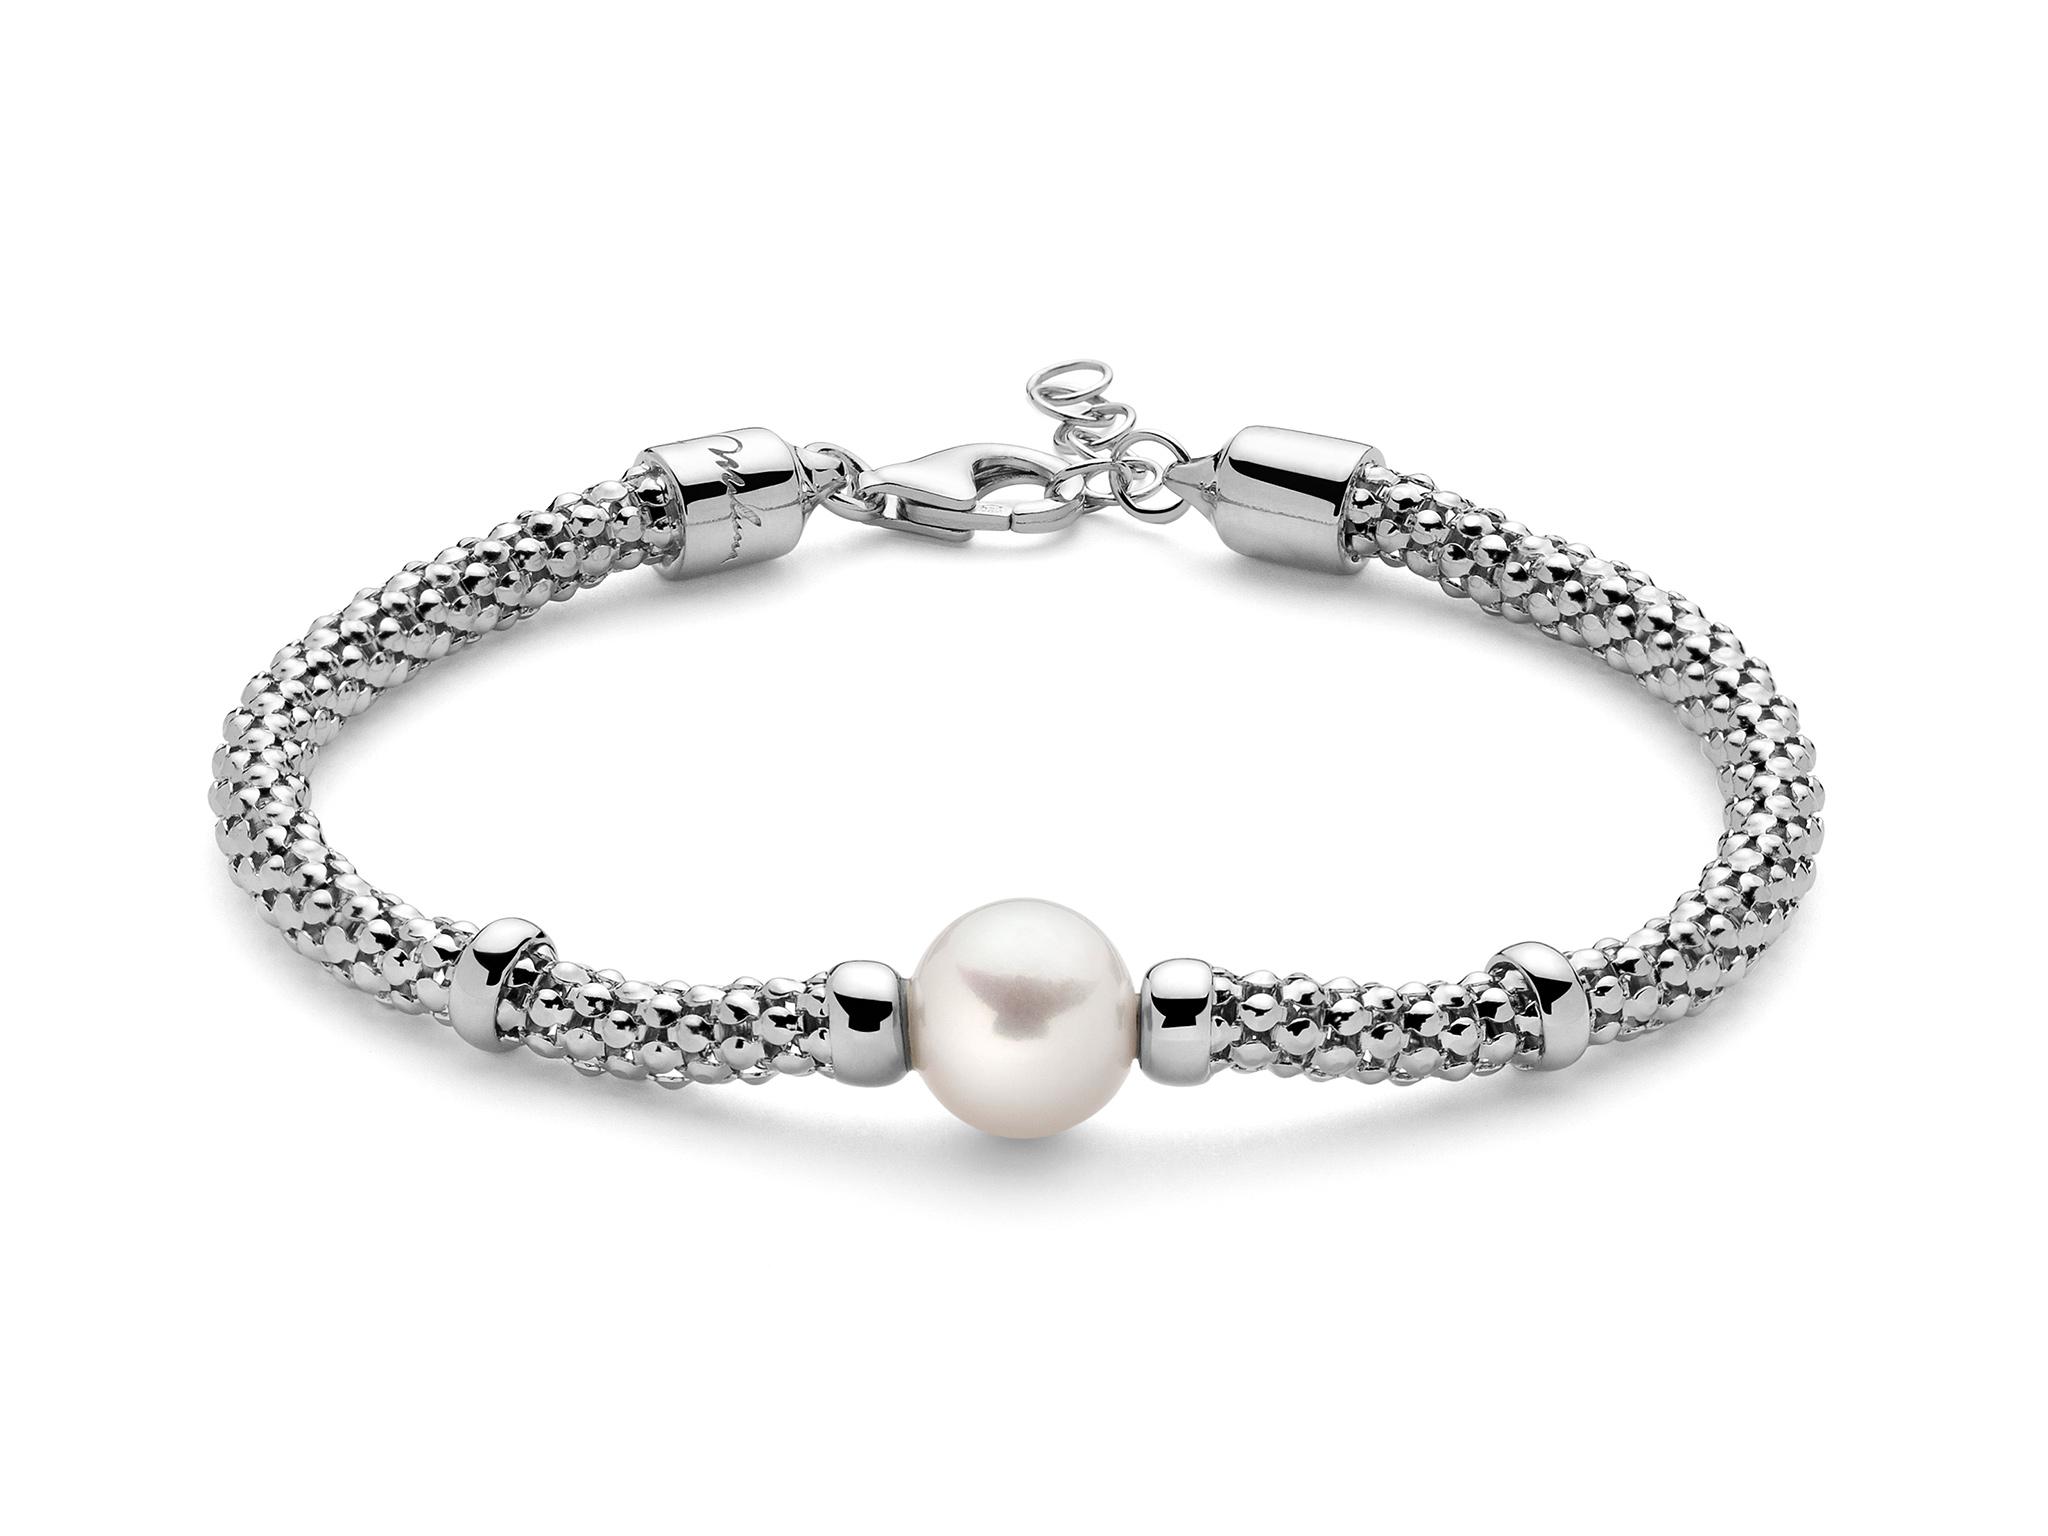 Bracciale con maglia coreana, in argento con perla. - PBR3026B